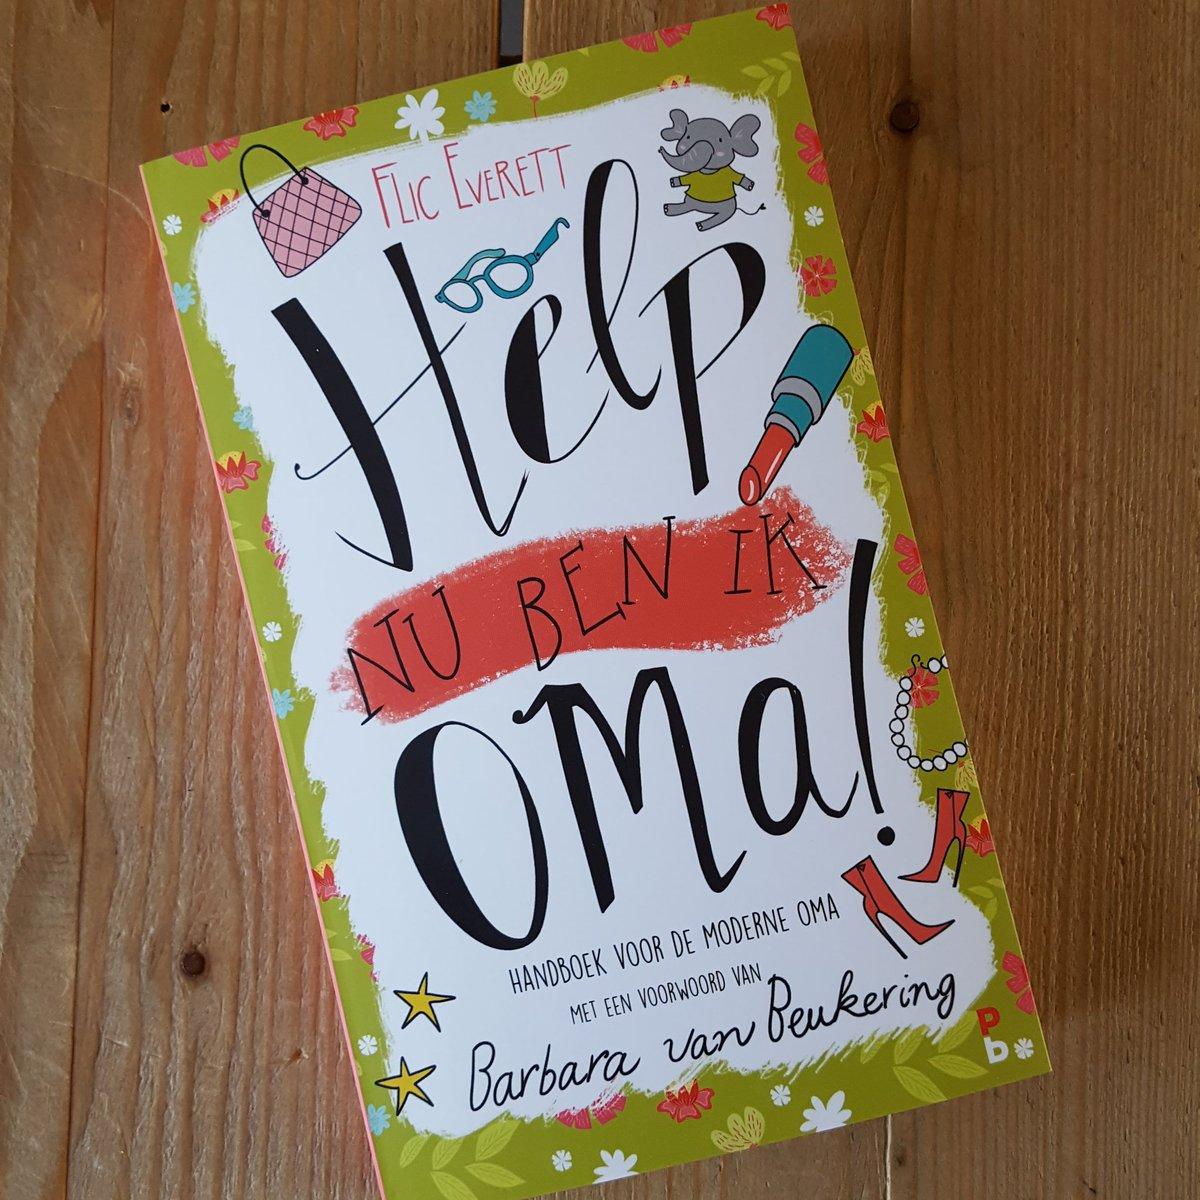 Pepper Books On Twitter Heb Jij Een Bijna Oma In De Familie Dan